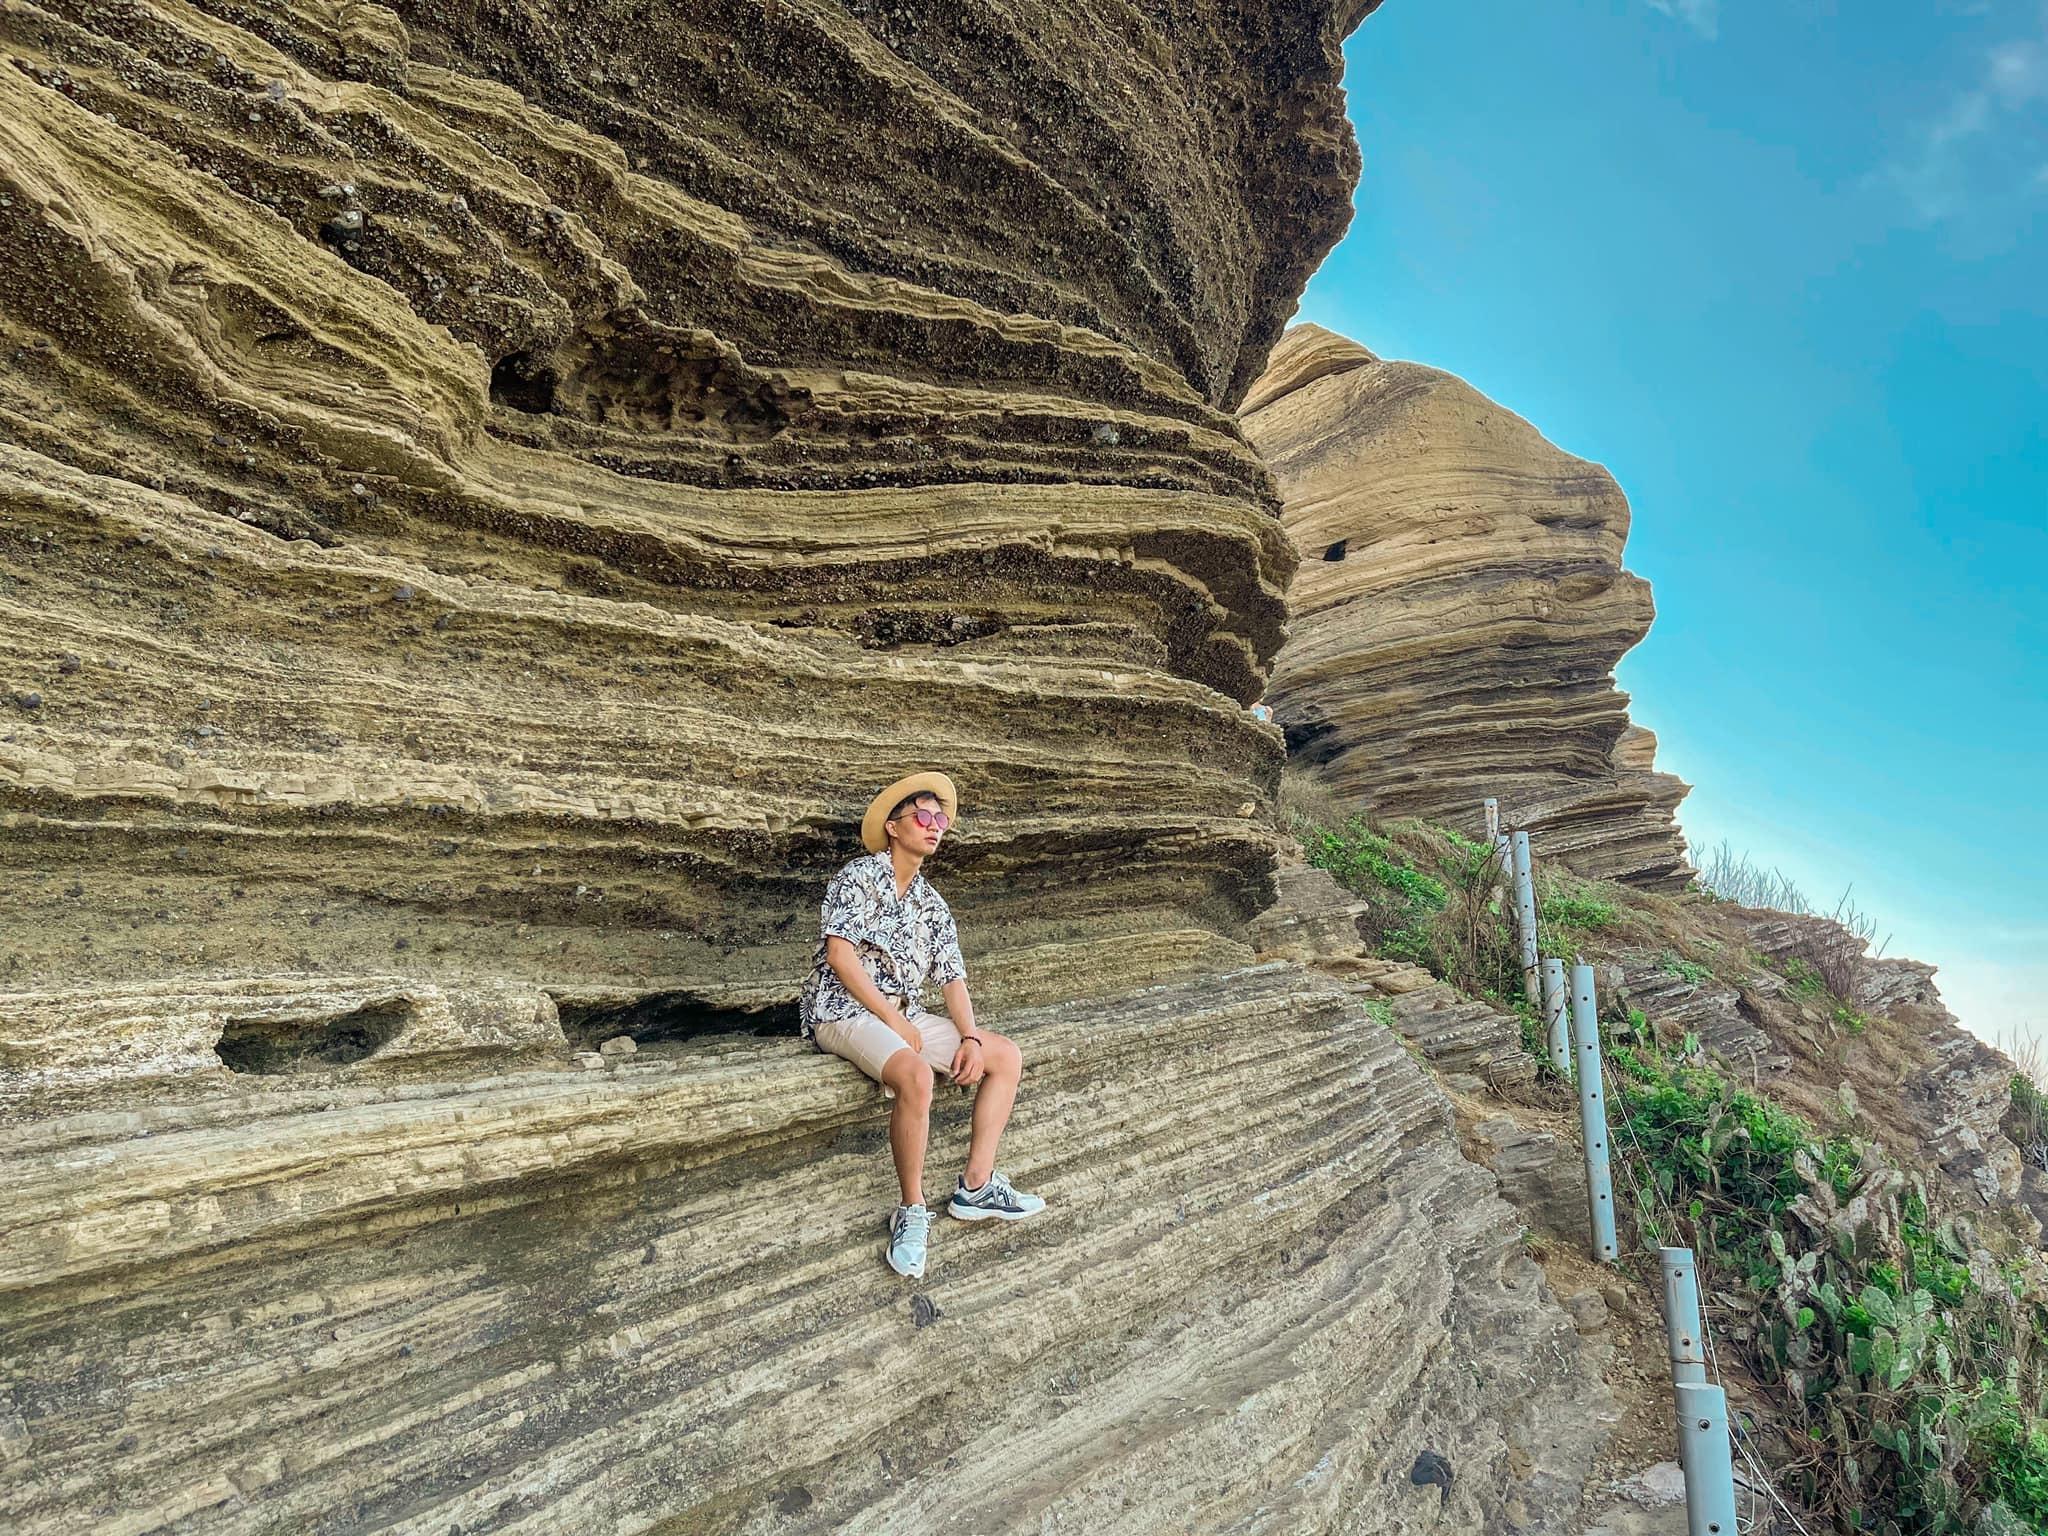 Kinh nghiệm du lịch đảo Phú Quý 2